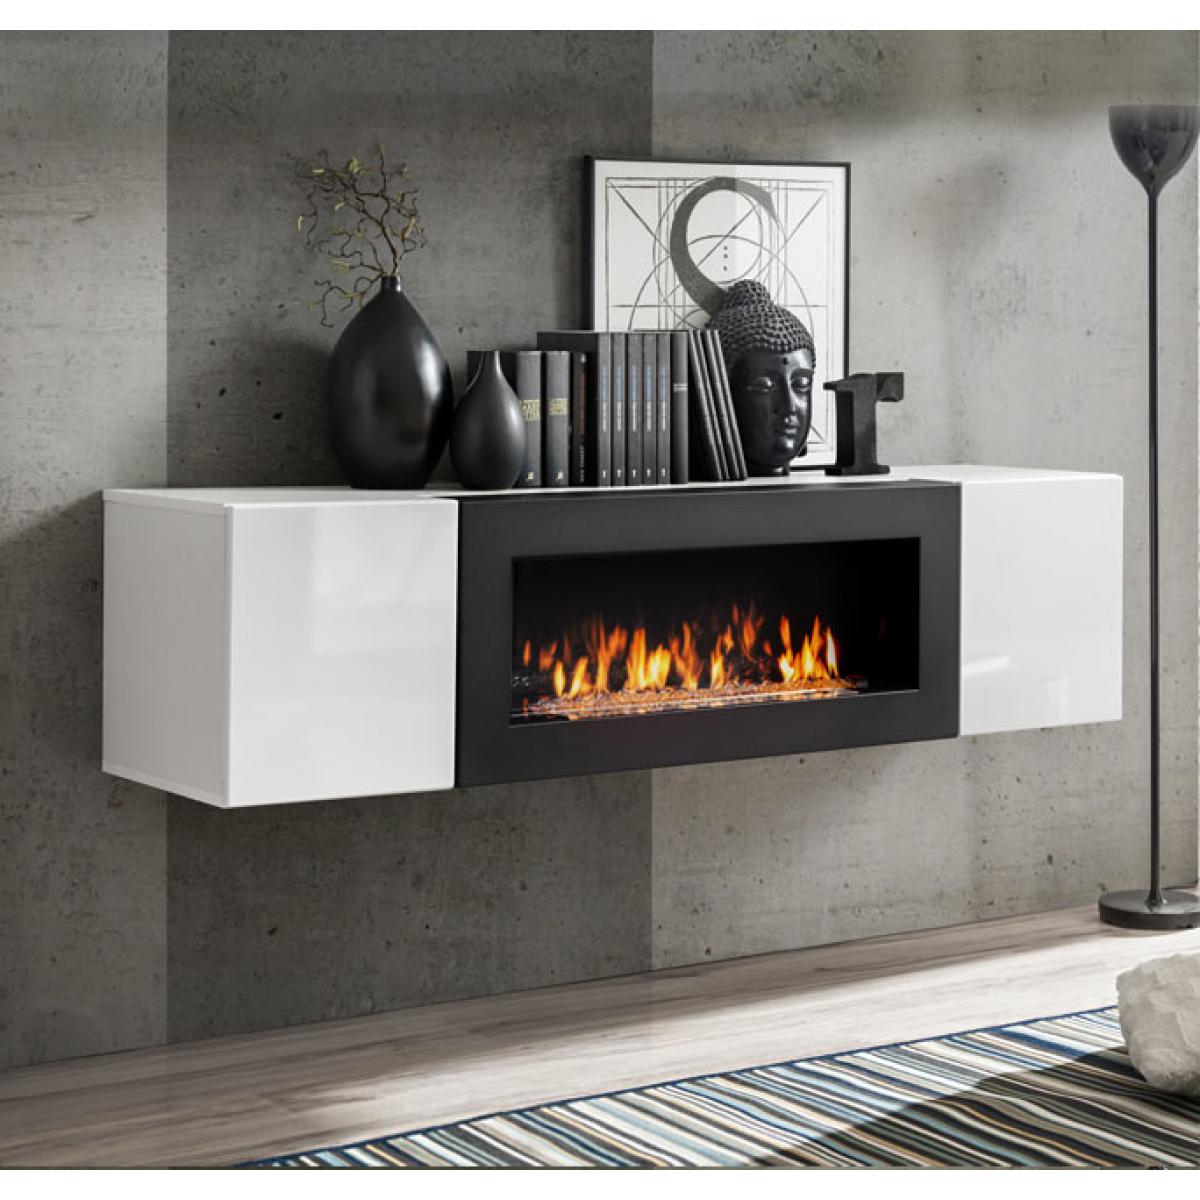 Design Ameublement Armoire mural avec cheminée modèle Erica lumbre (160x40cm) blanc